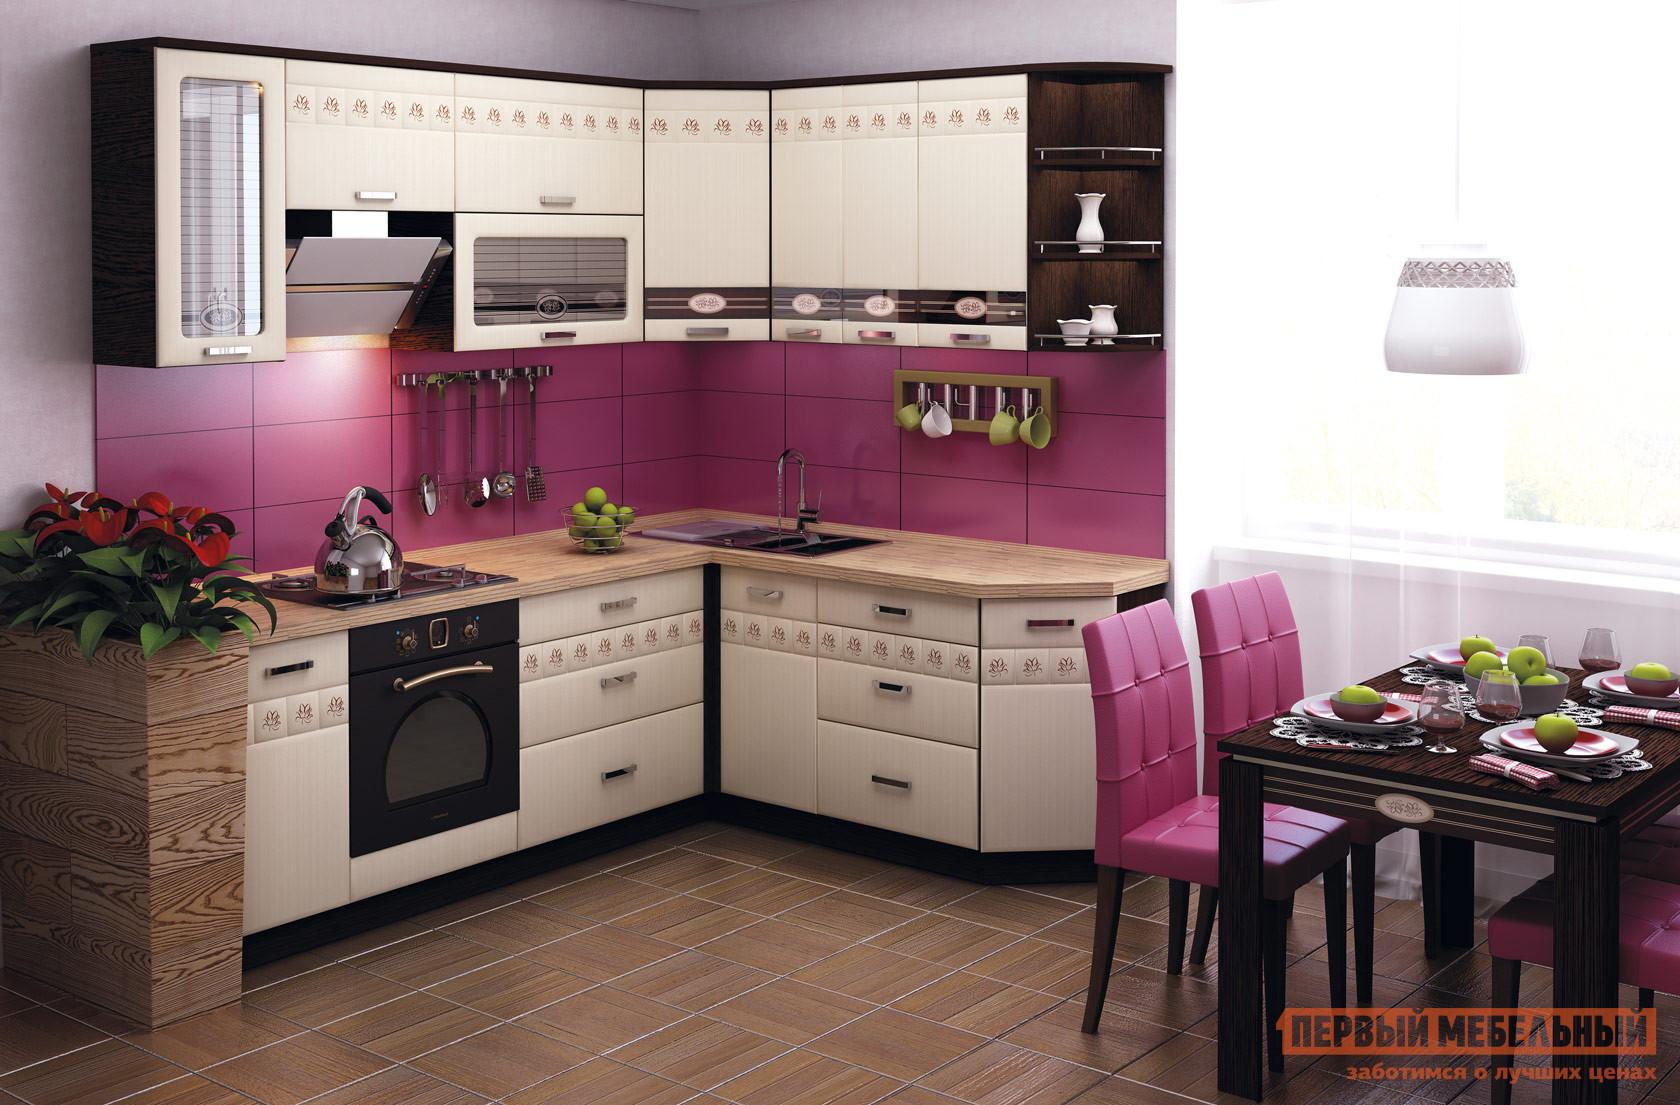 Комплект мебели для кухни Витра Аврора 240-190 комплект мебели для кухни витра палермо 300